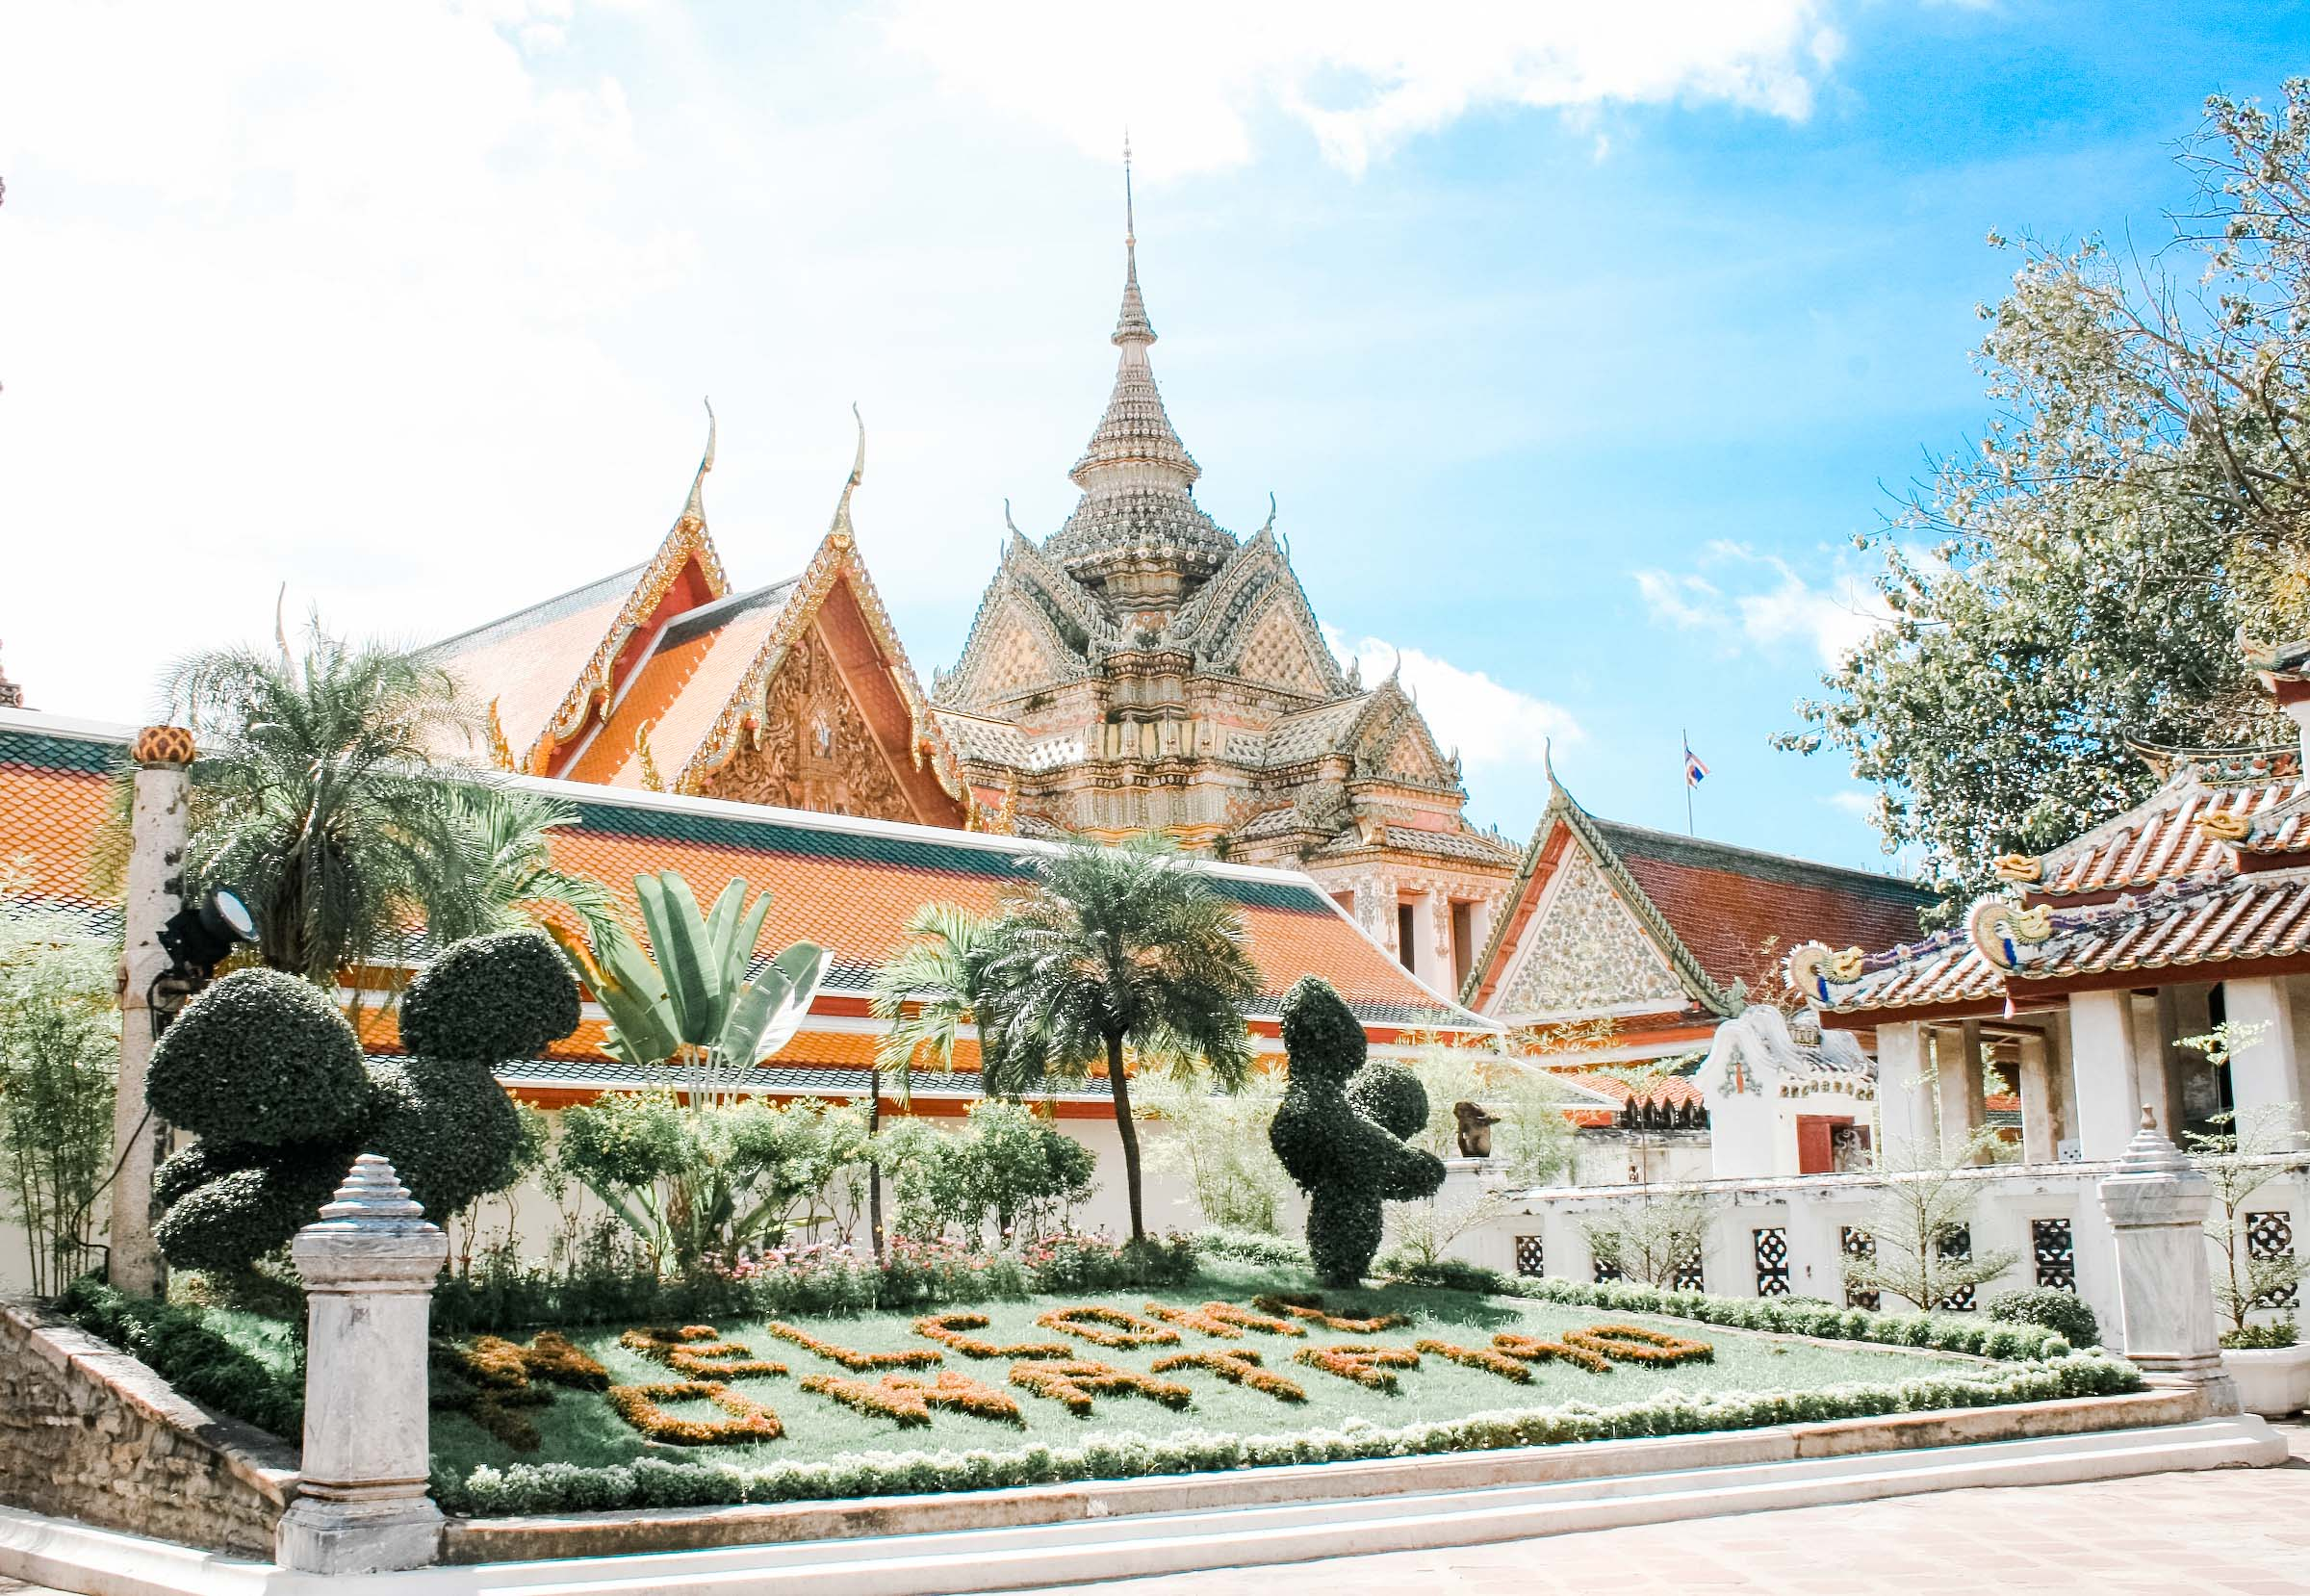 Bangkok Wat Pho 23timezones